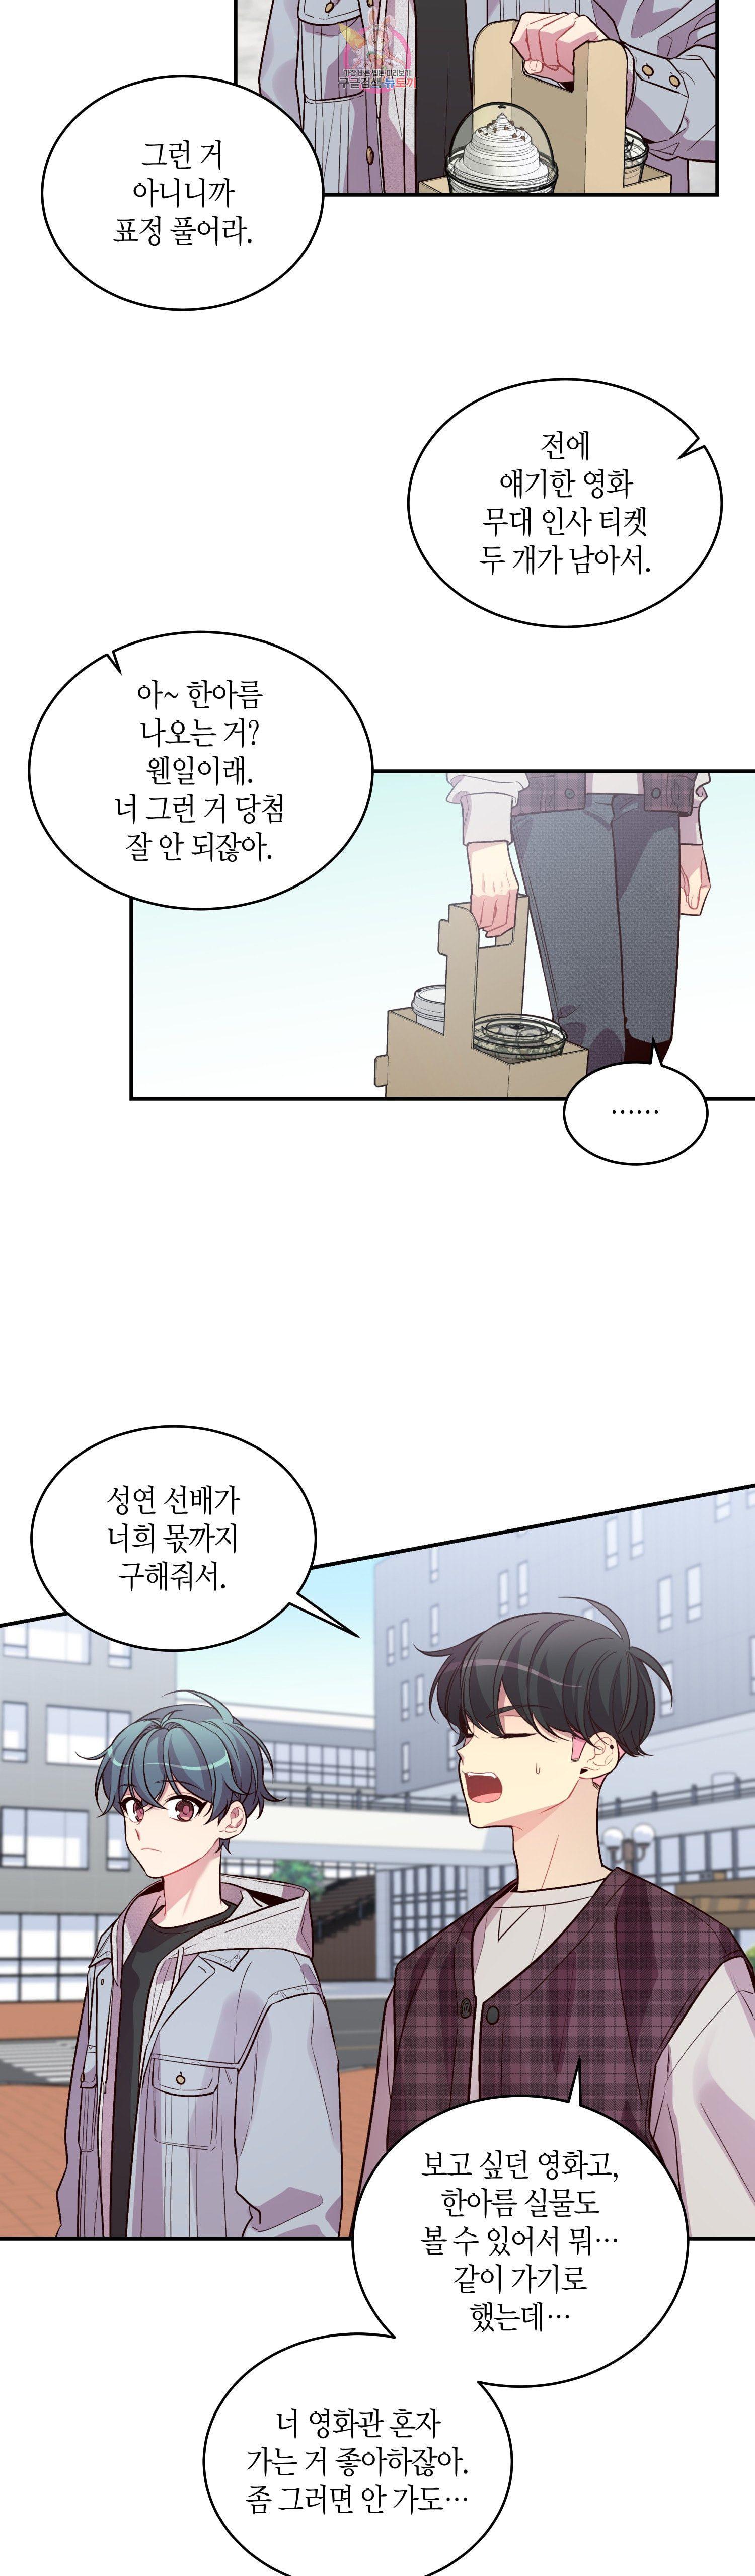 우렁강도 46화 웹툰